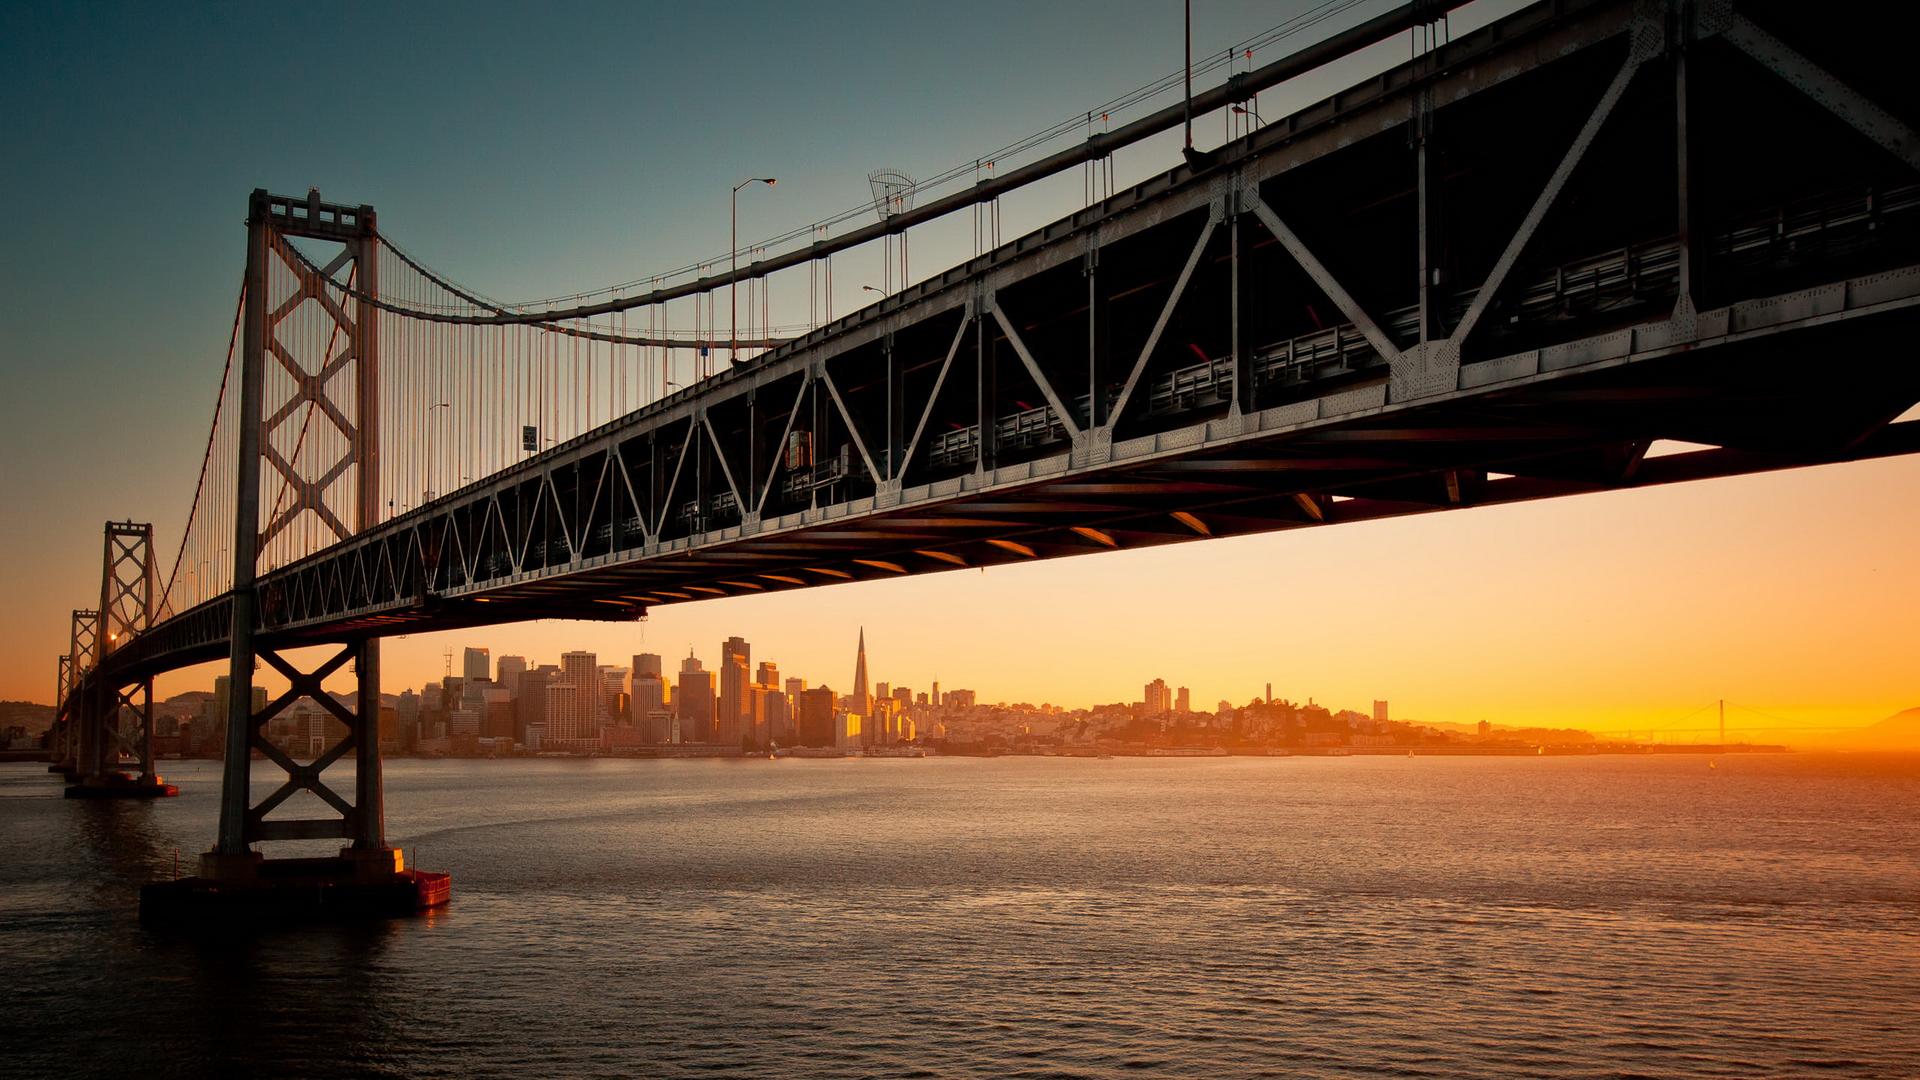 красивые мосты обои на рабочий стол № 183190 без смс